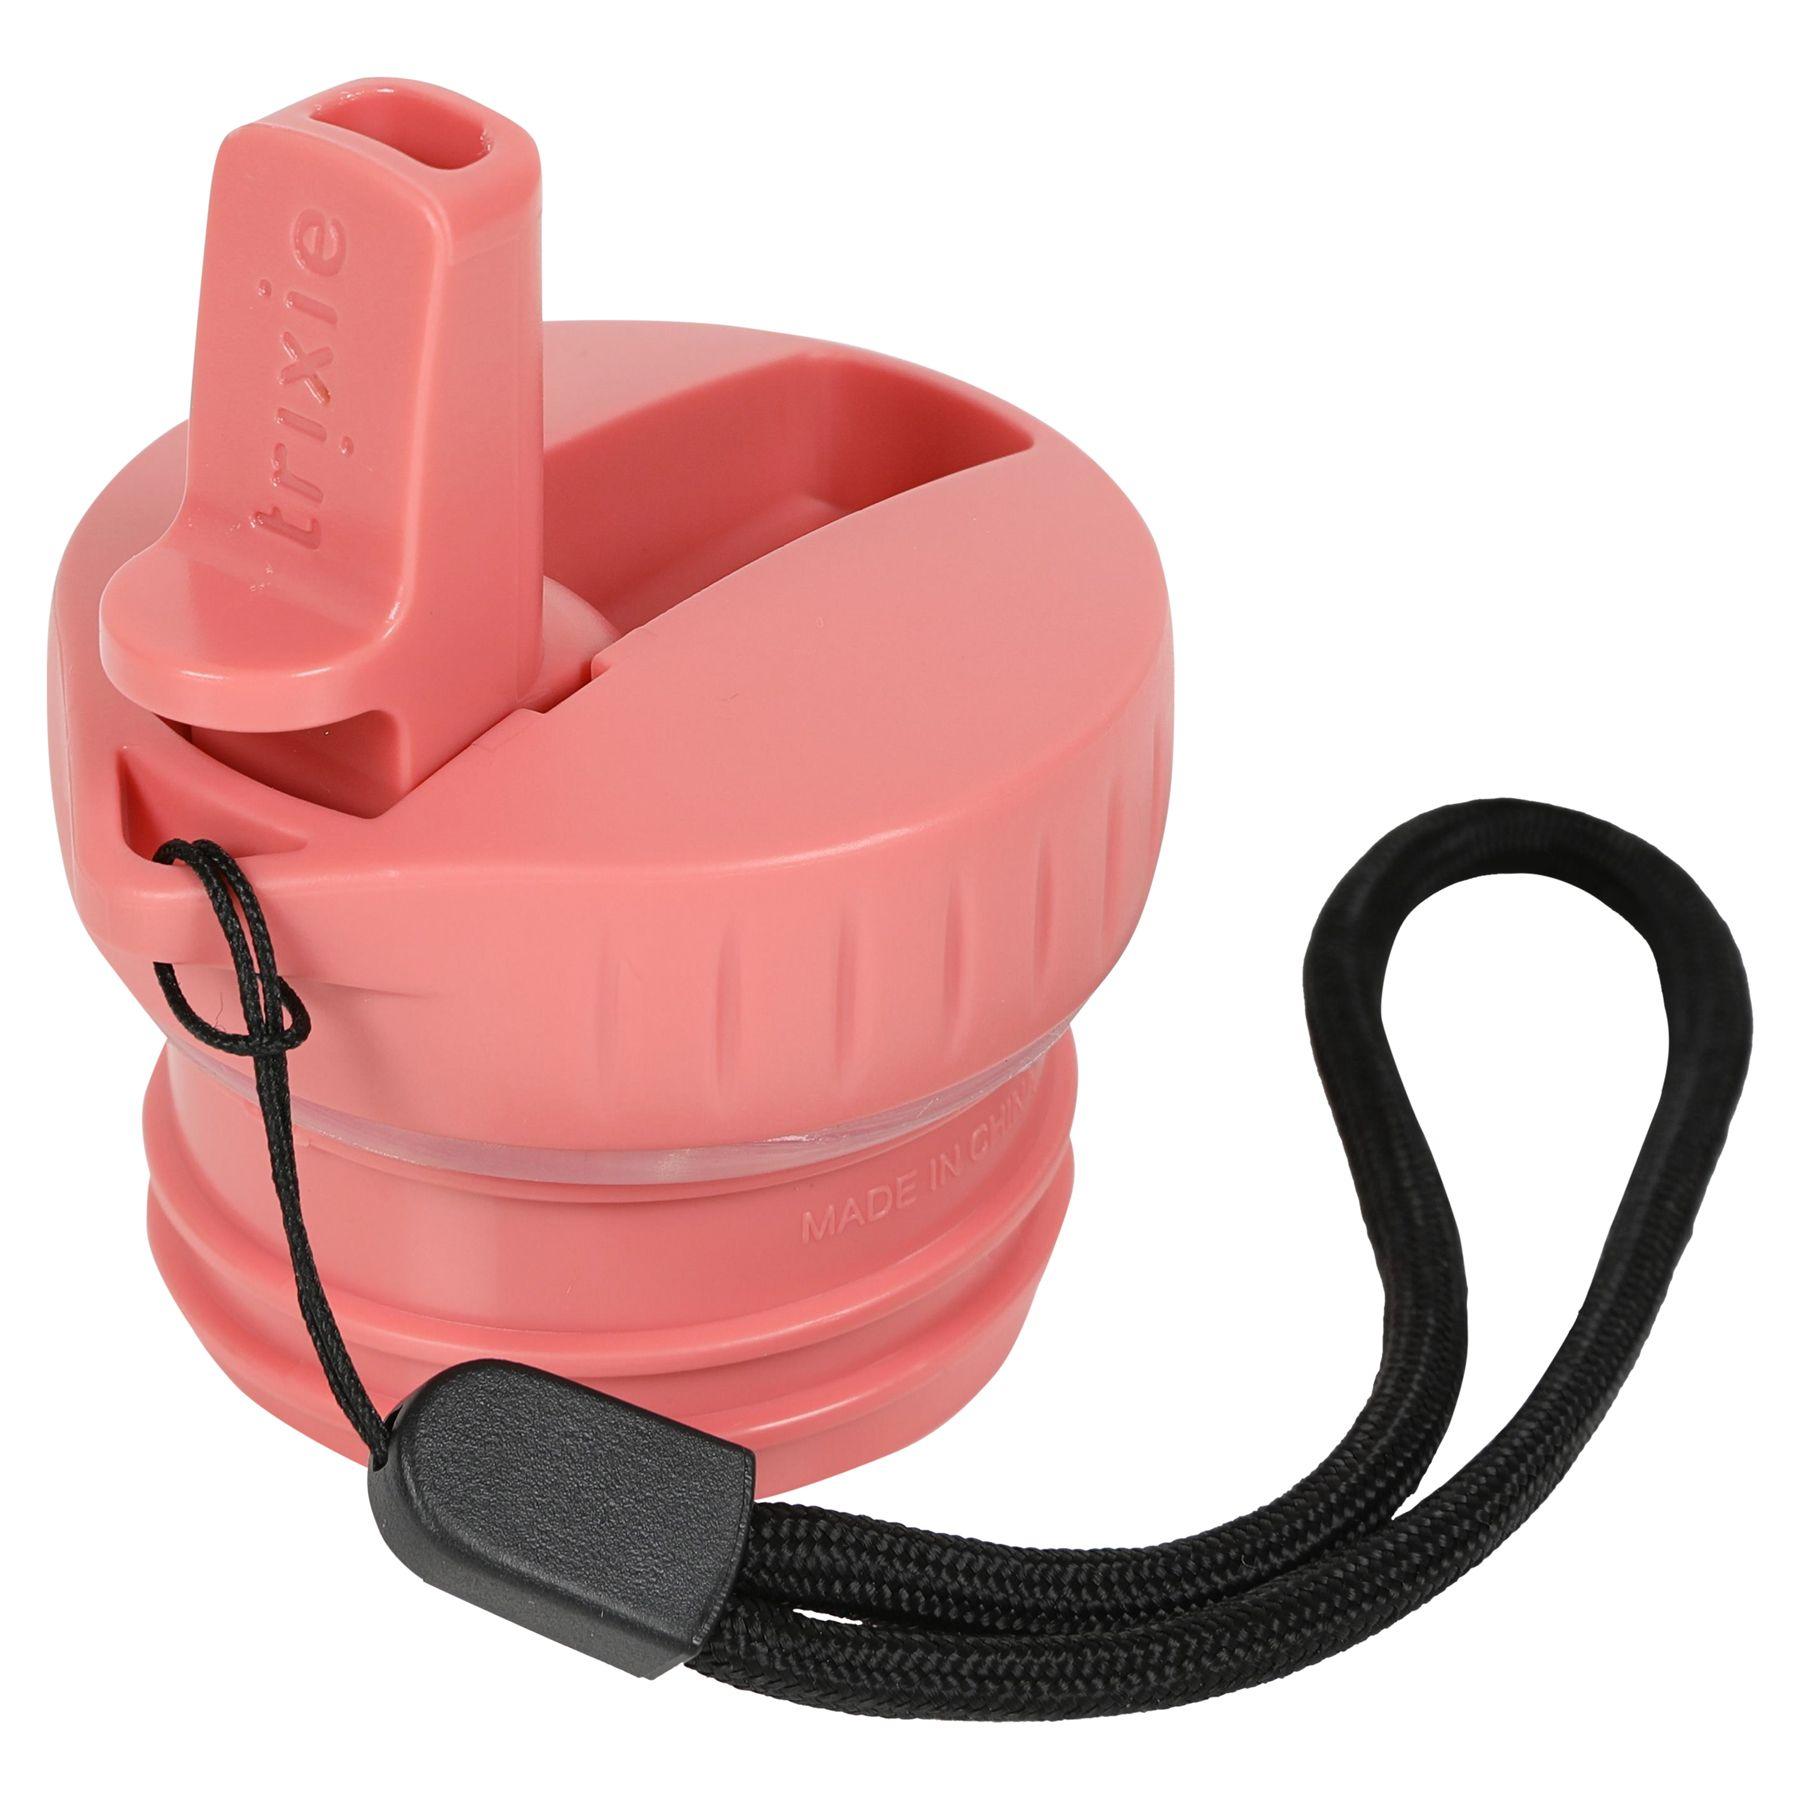 Μπουκάλι ανοξείδωτο, 500ml - Trixie, Flamingo